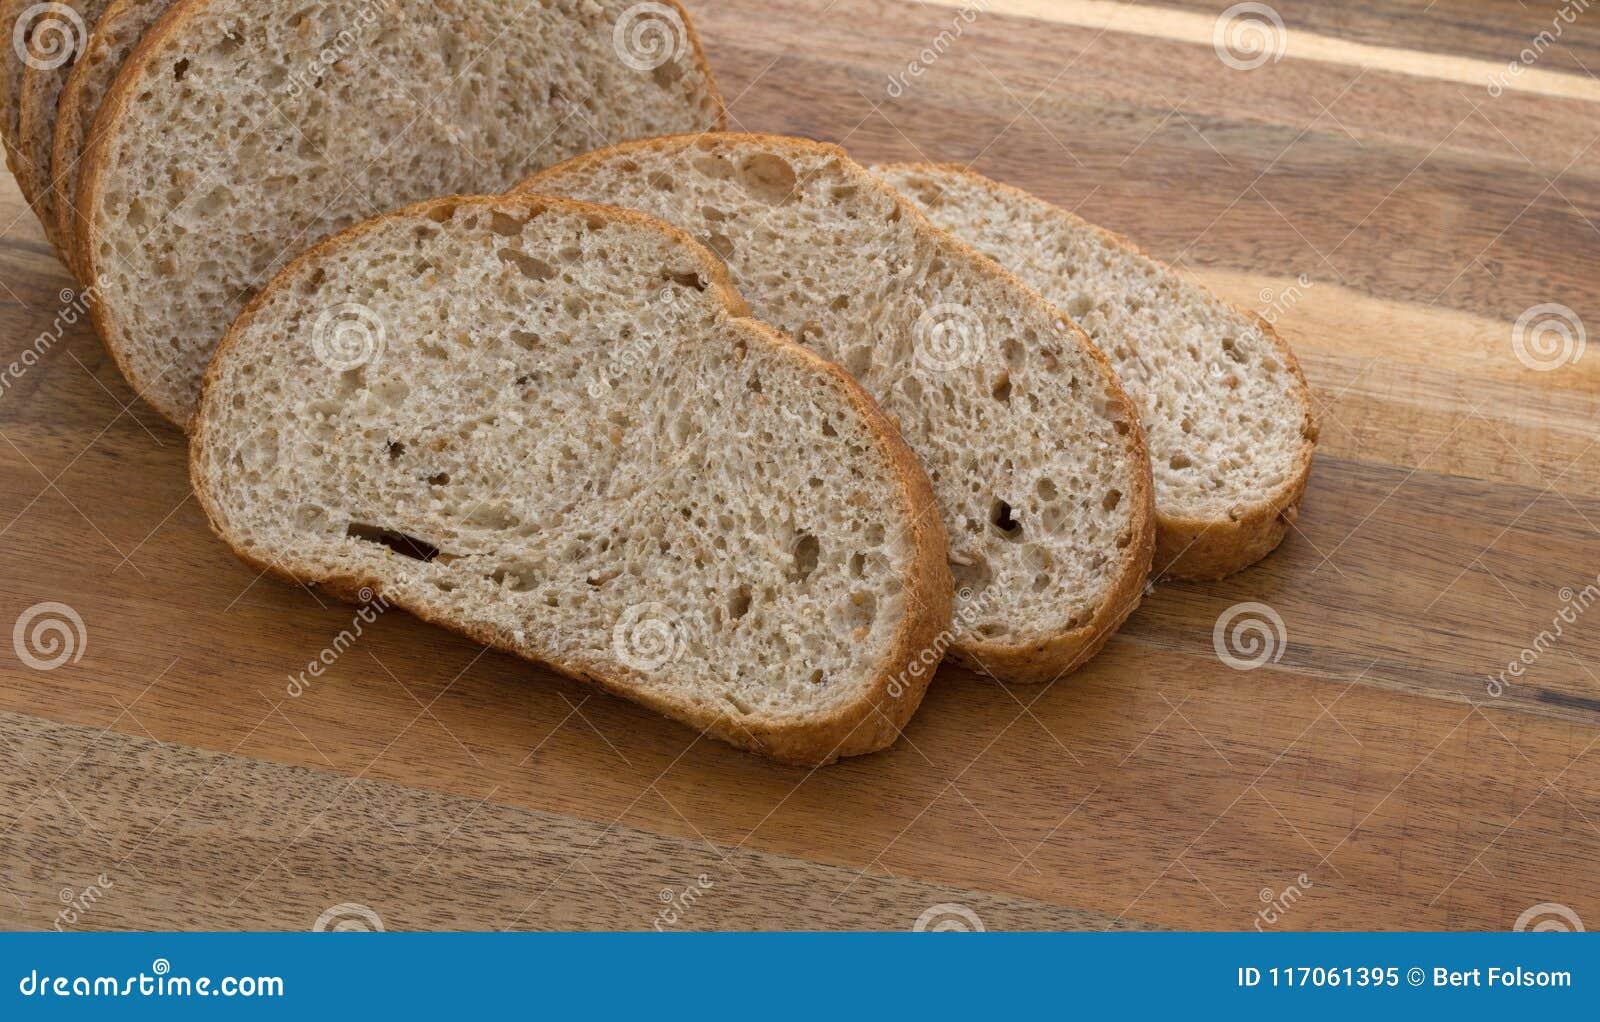 Fette davanti ad una piccola pagnotta del pane